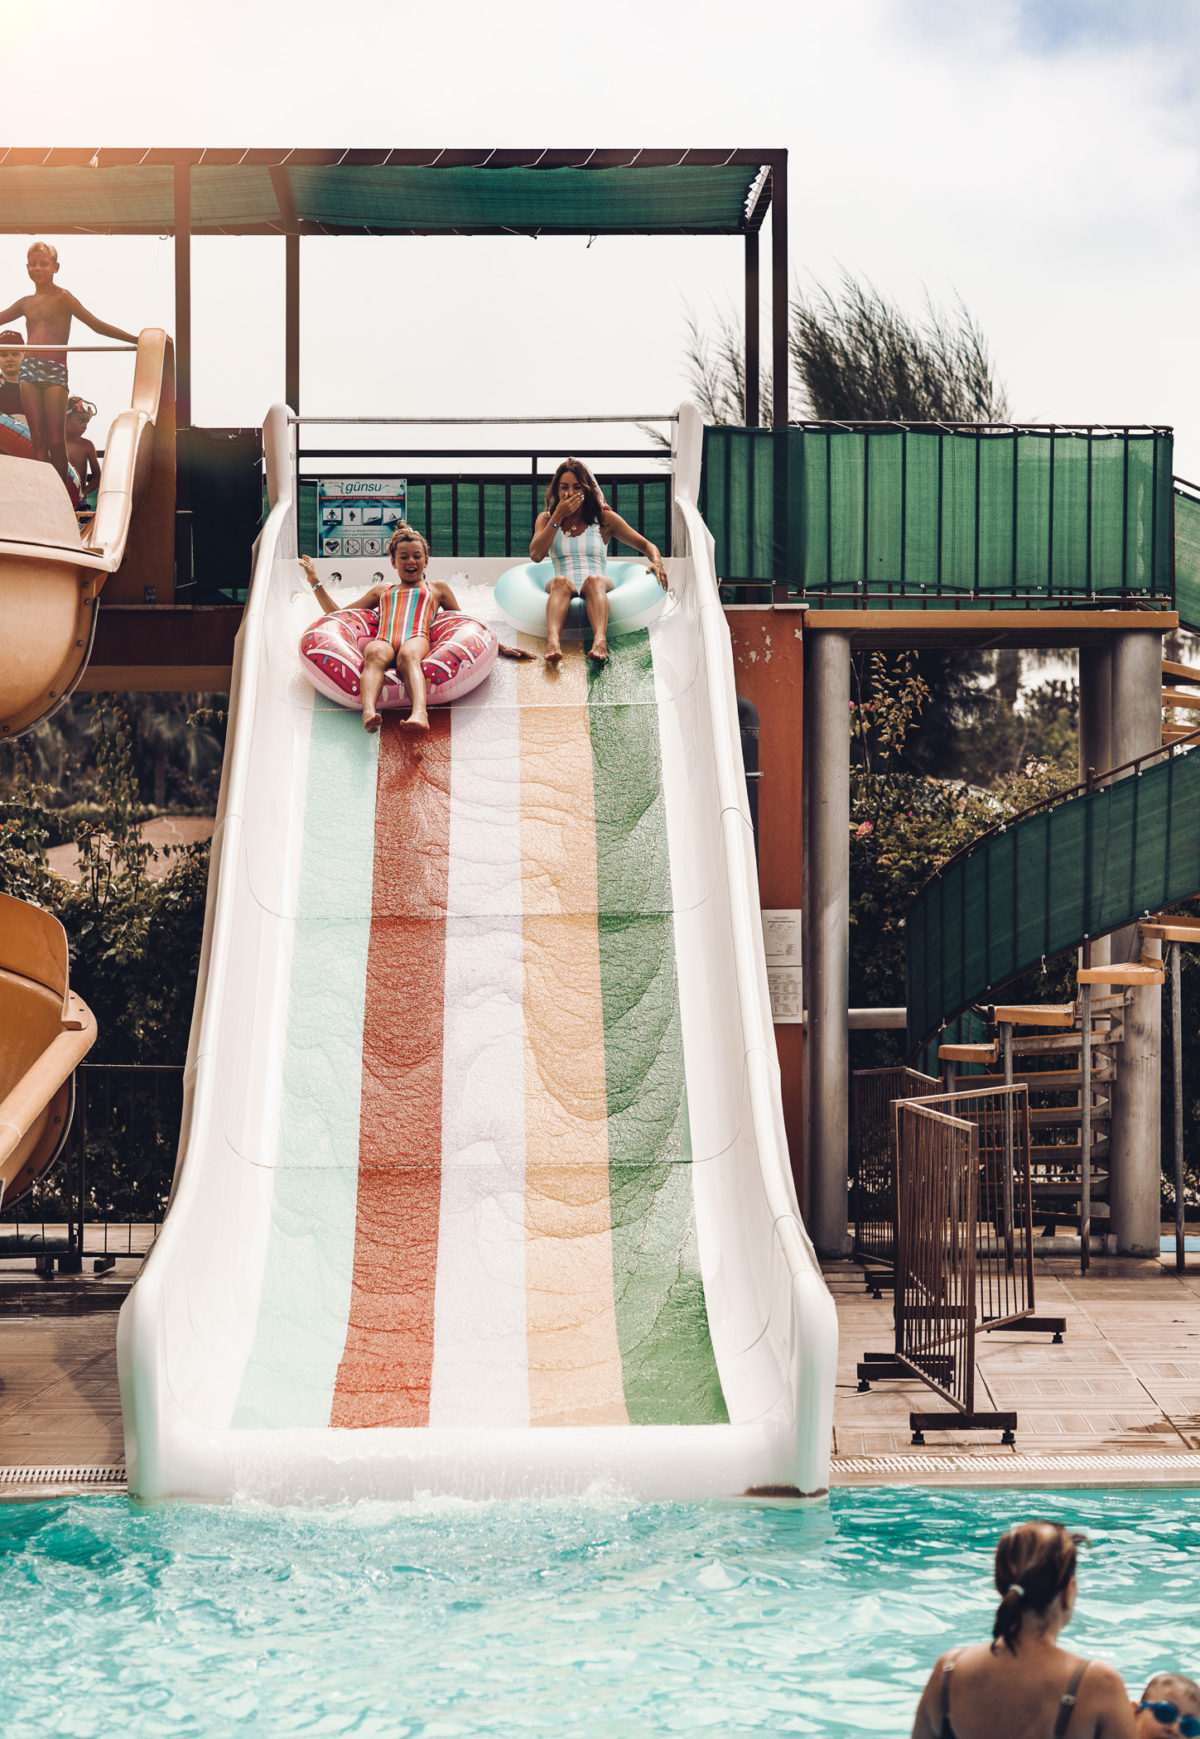 Hotel Turcja - Mini Aqua Park